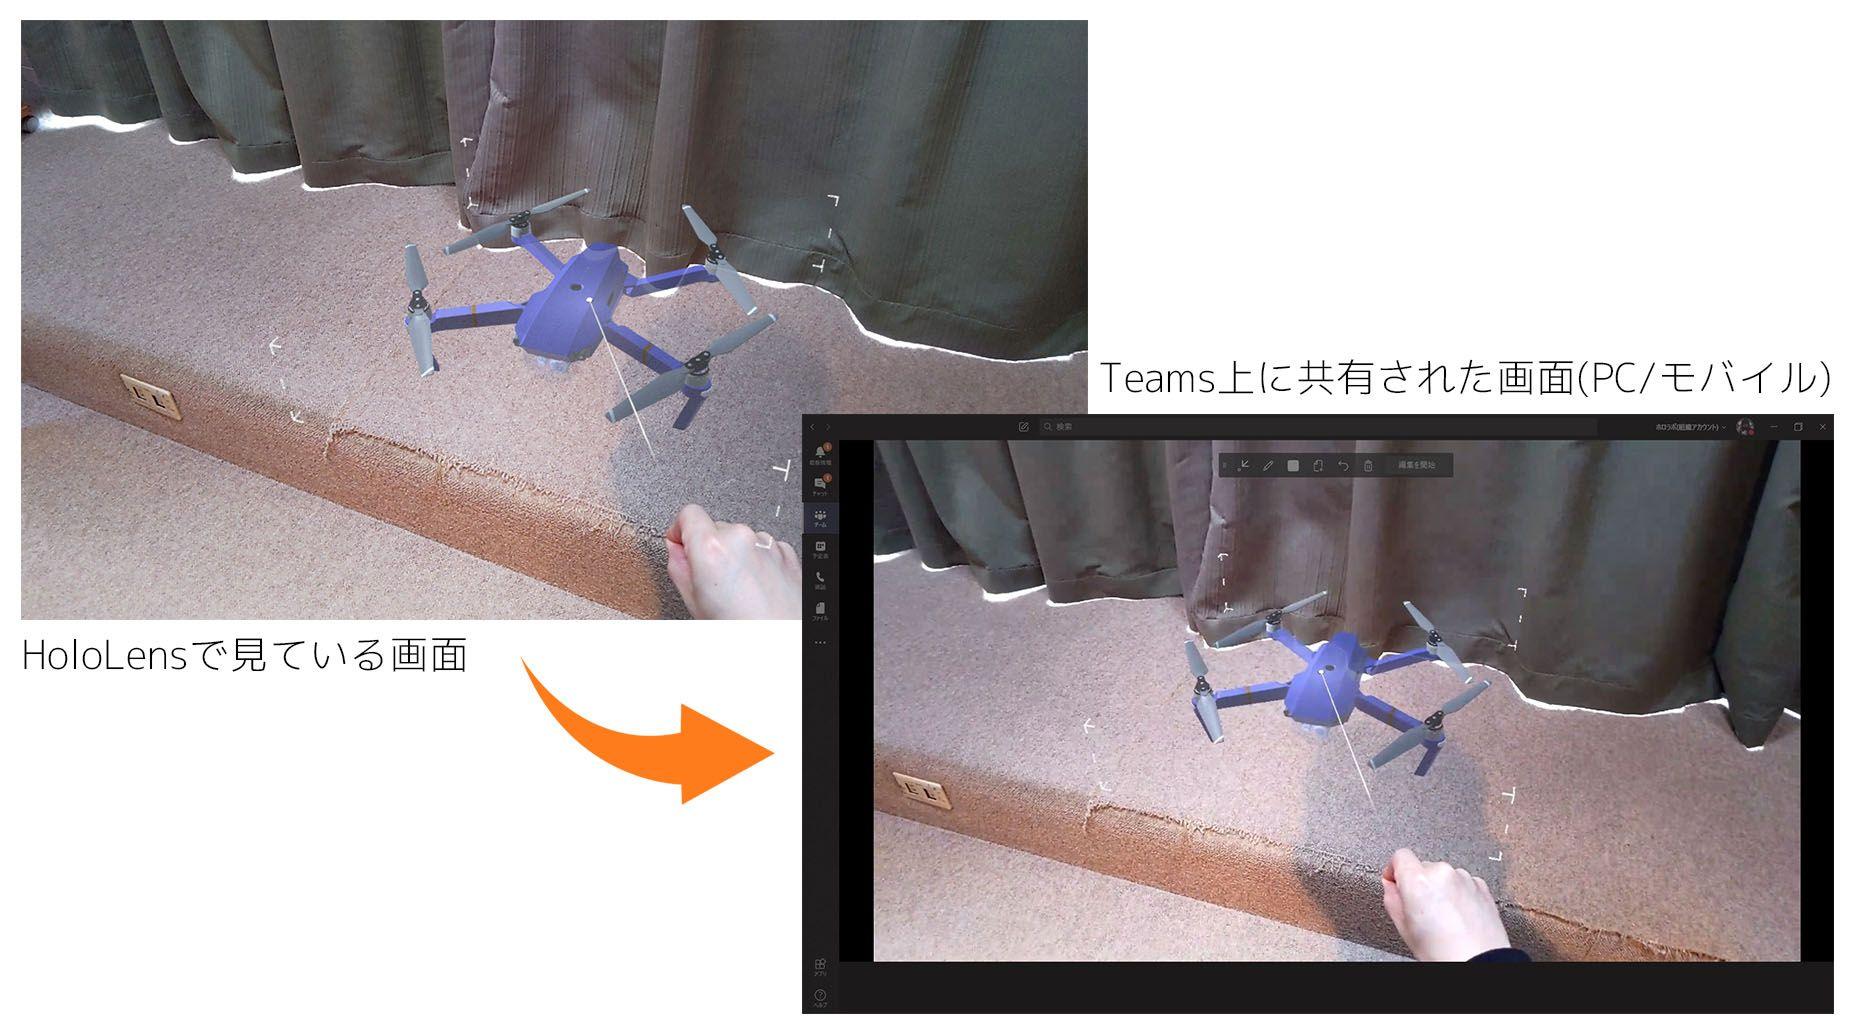 7238_HoloLens2Teams